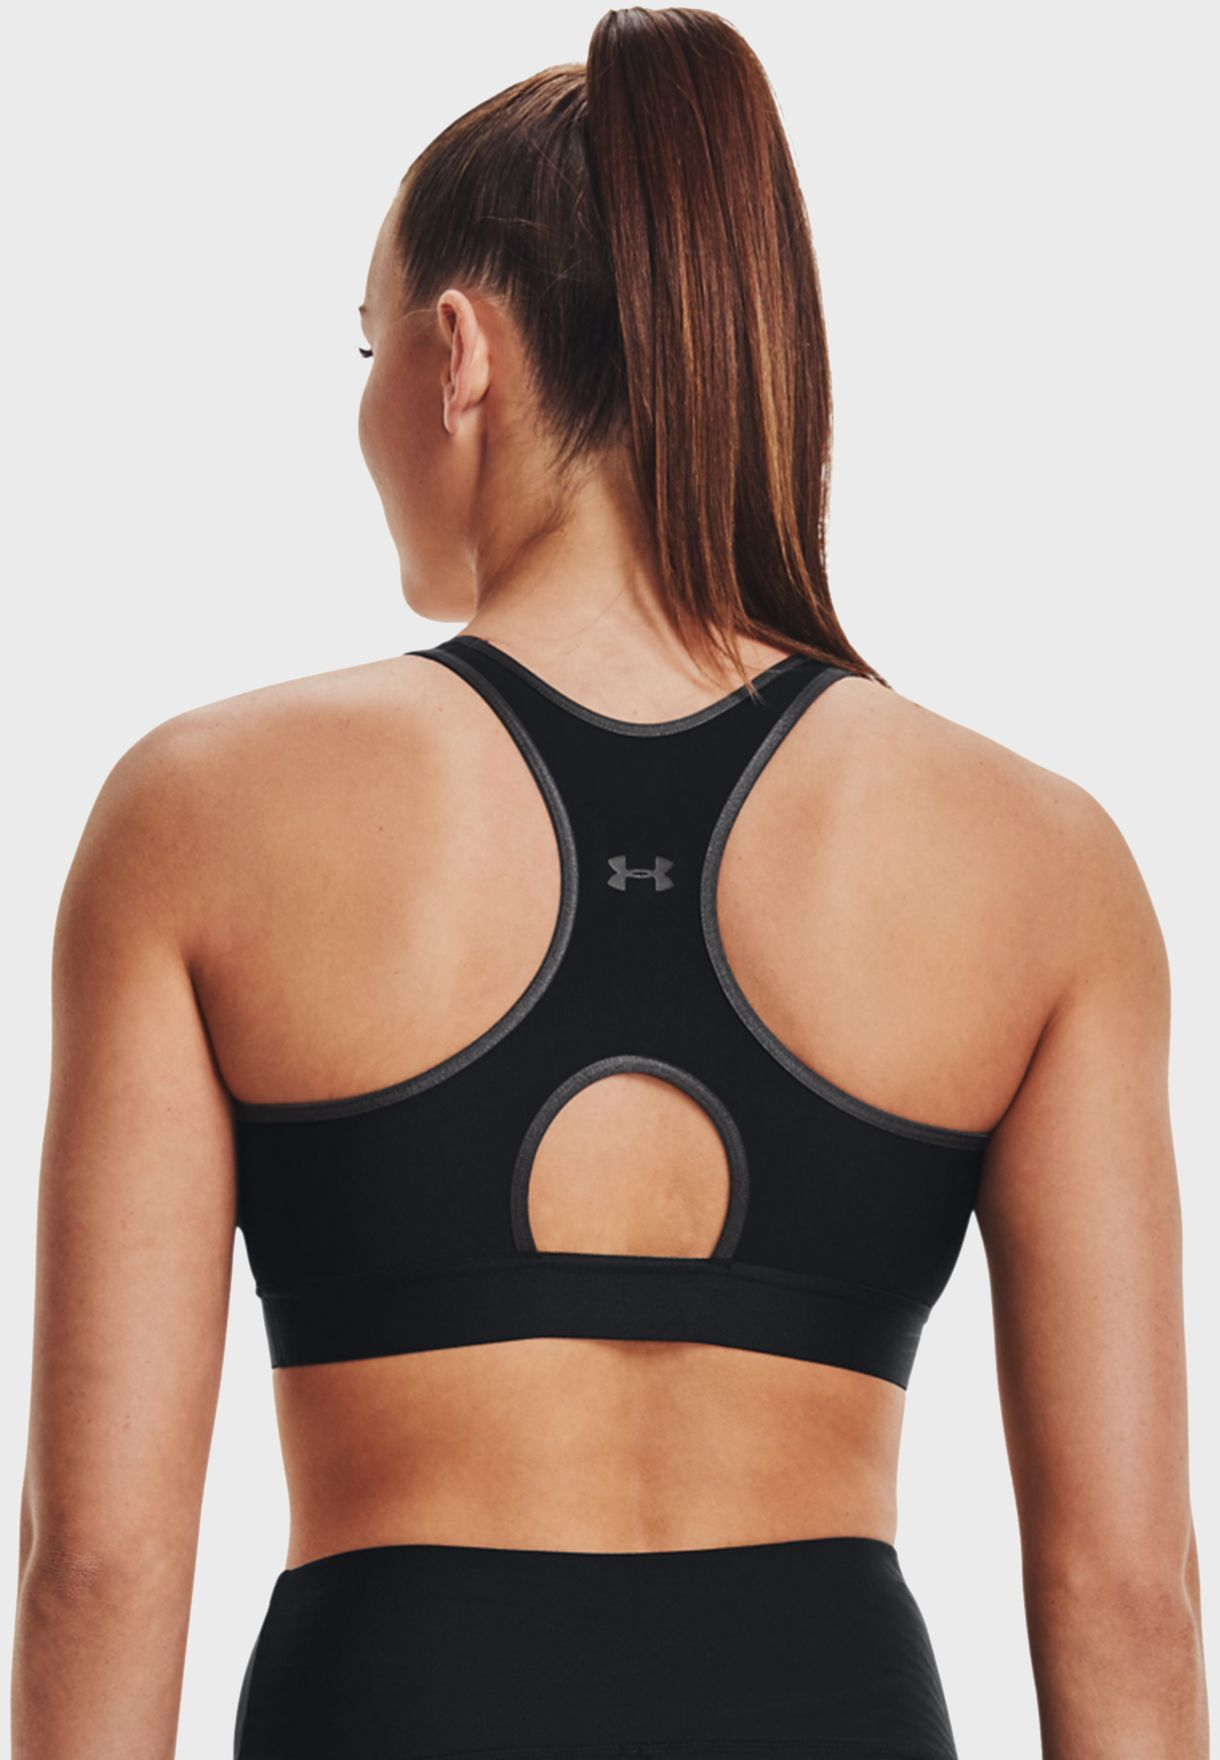 صدرية رياضة مزينة بشعار الماركة